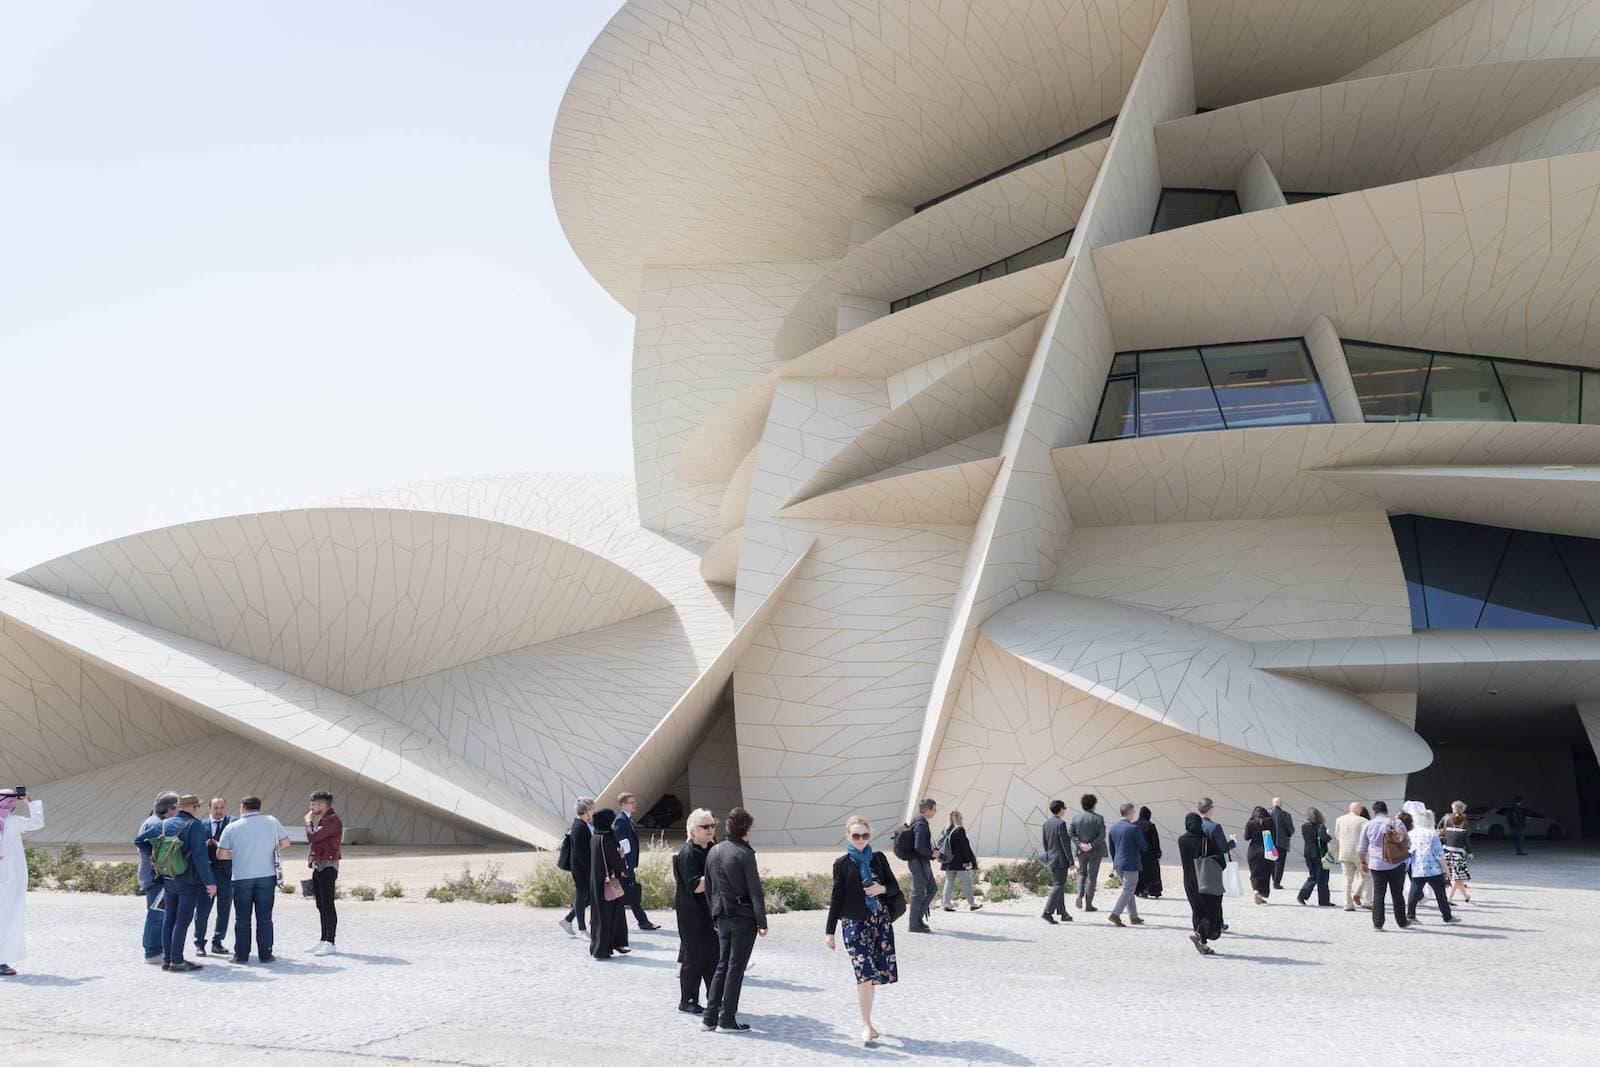 Das National Museum of Qatar von Jean Nouvel